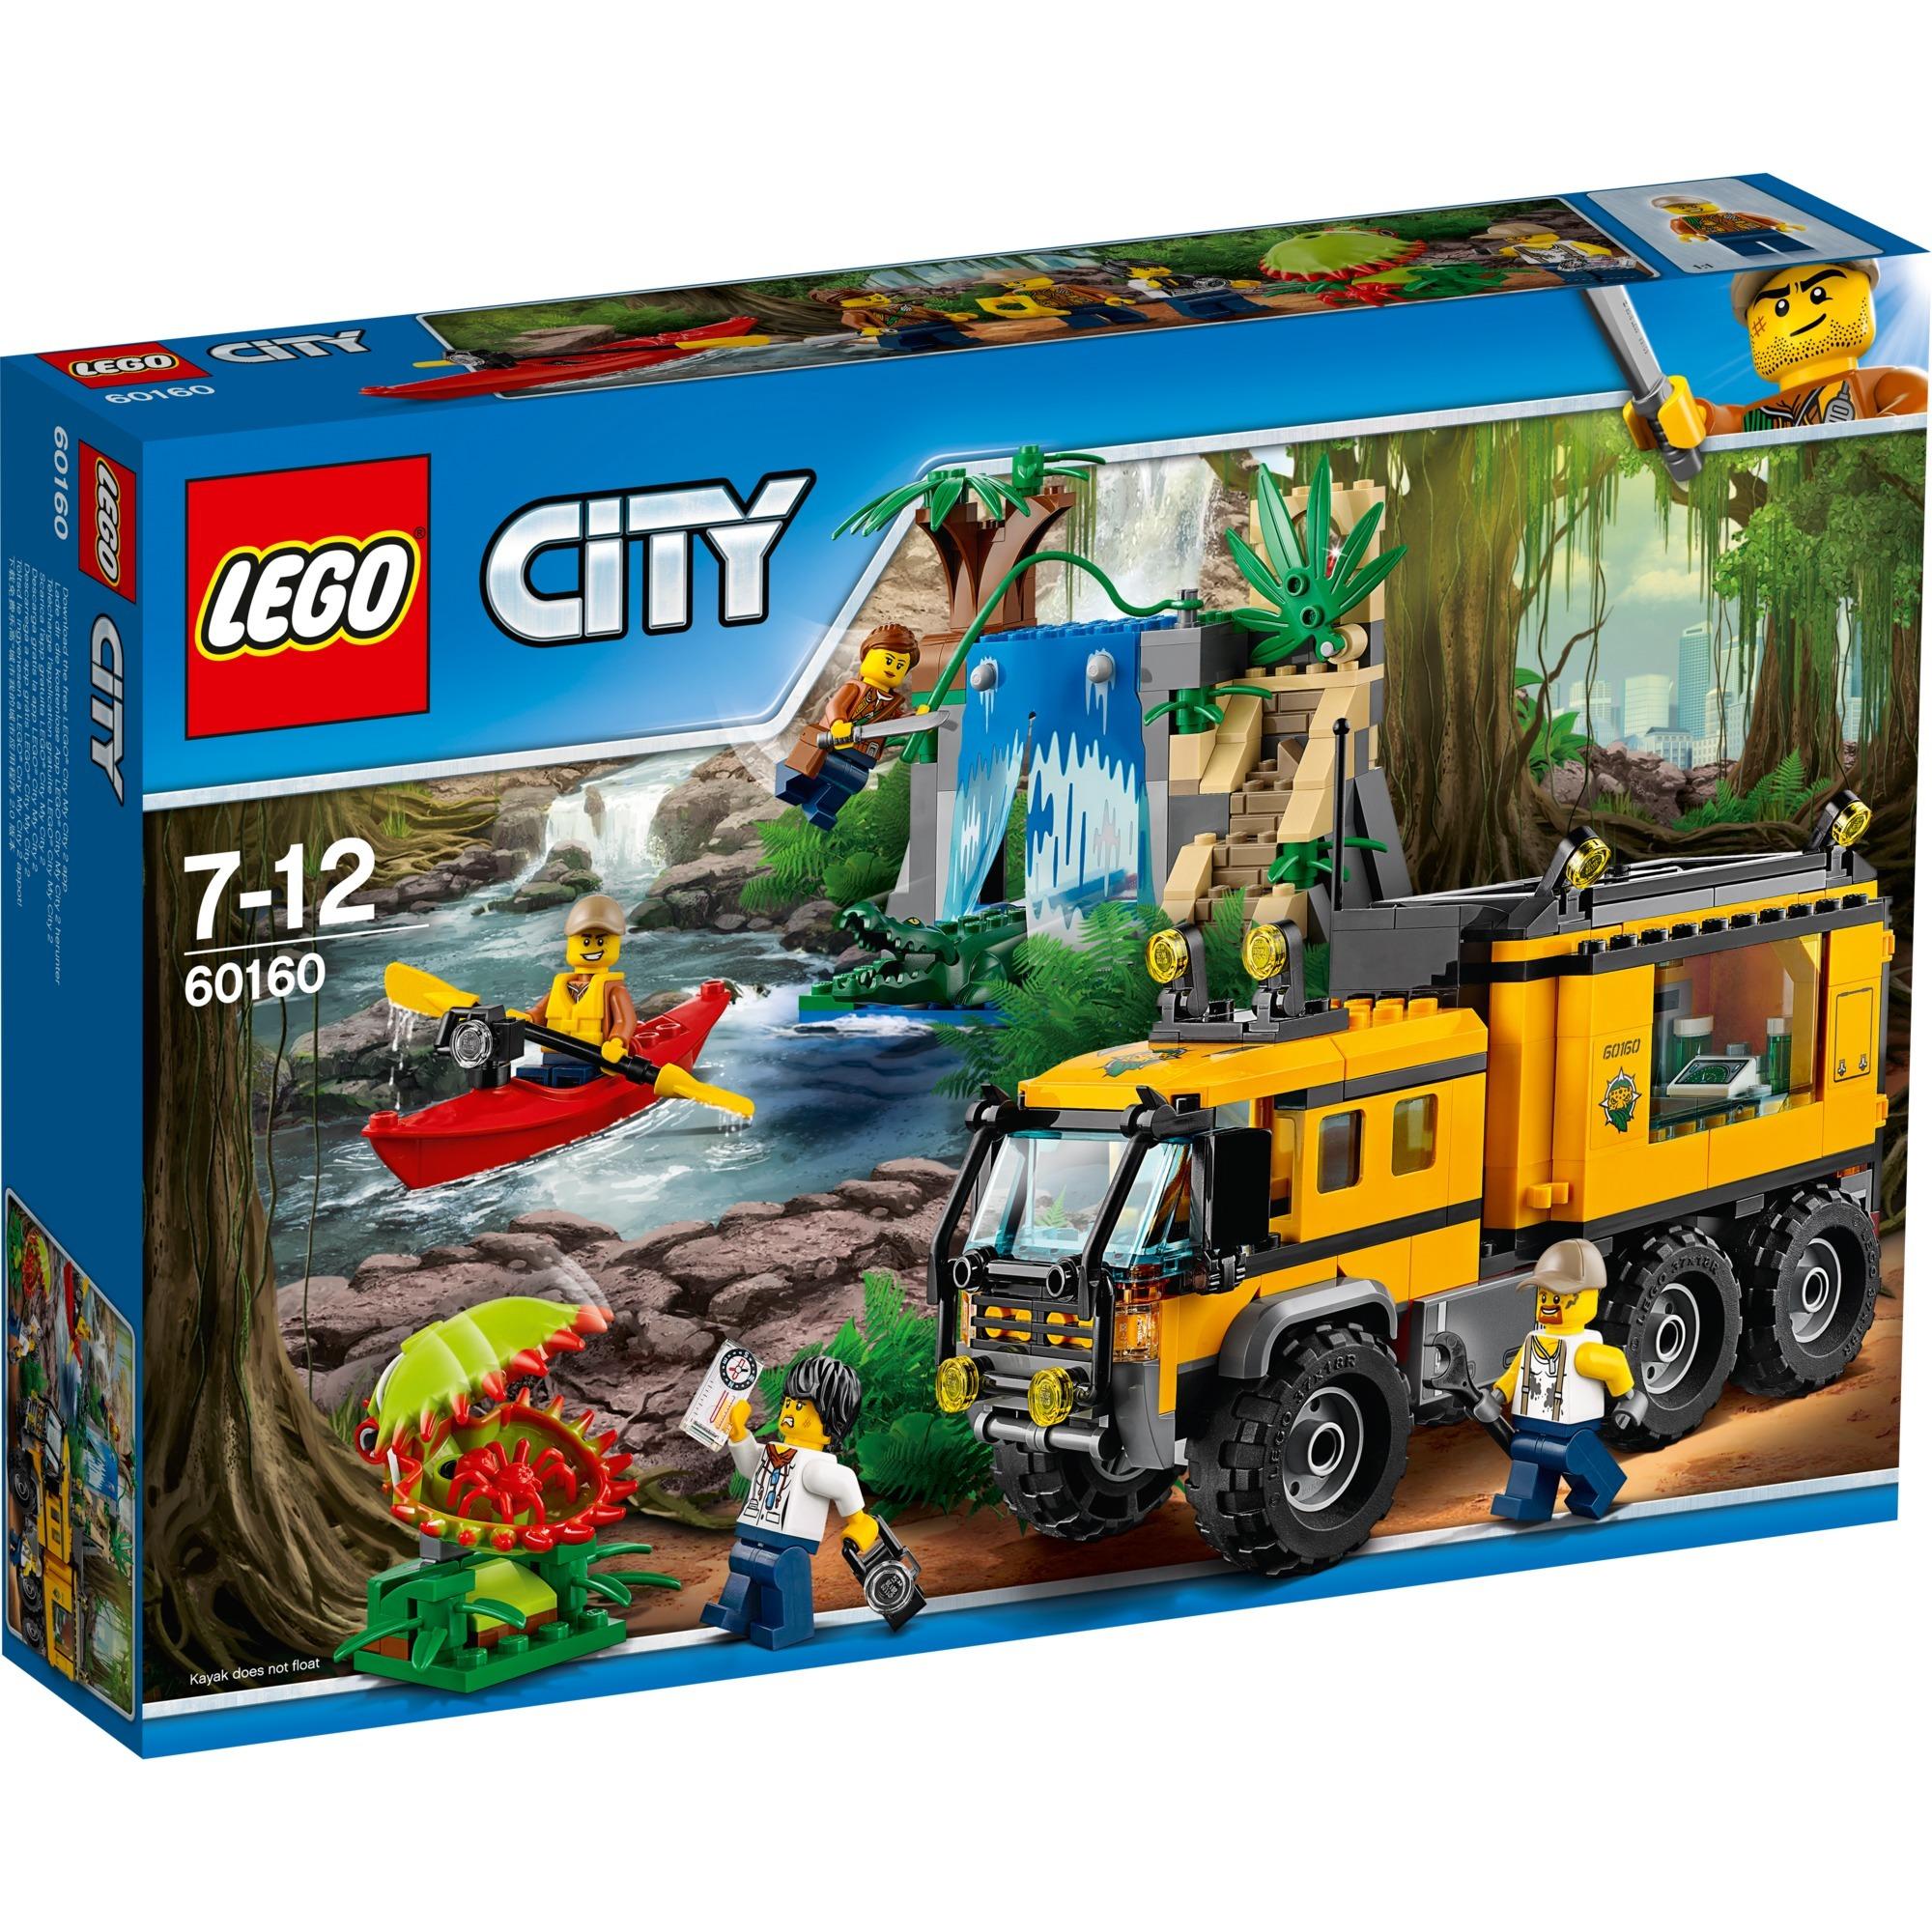 Lego City 60160 Jungla Laboratorio Movil Juegos De Construccion